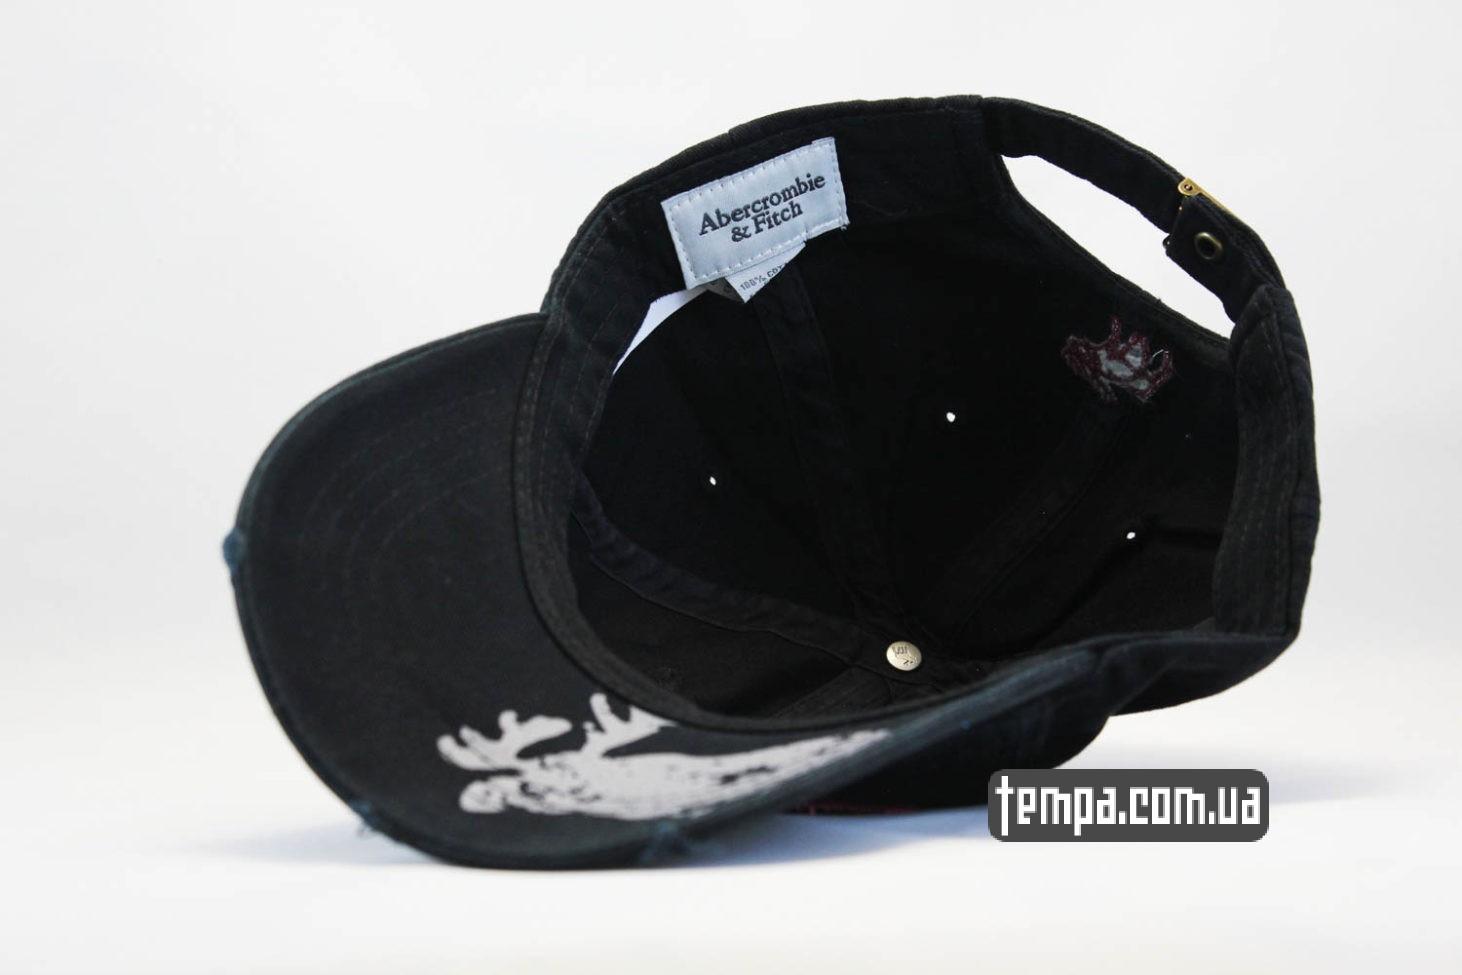 где купить оригинал киев кепка бейсболка Abercrombie Fitch 1892 Holister черная